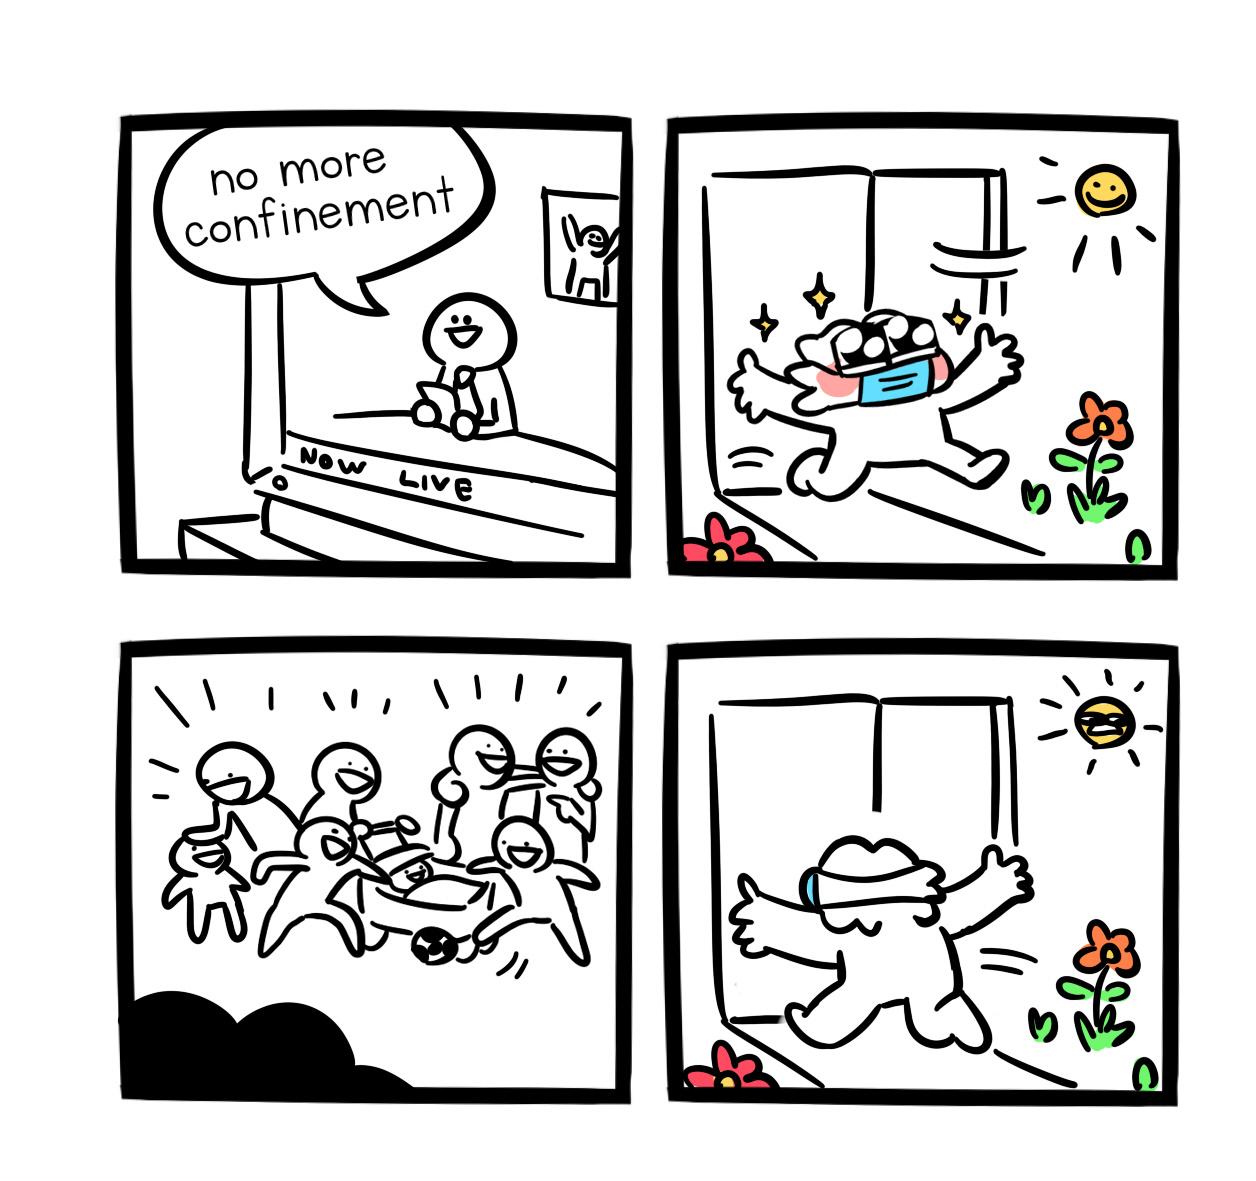 no, more confinement - meme